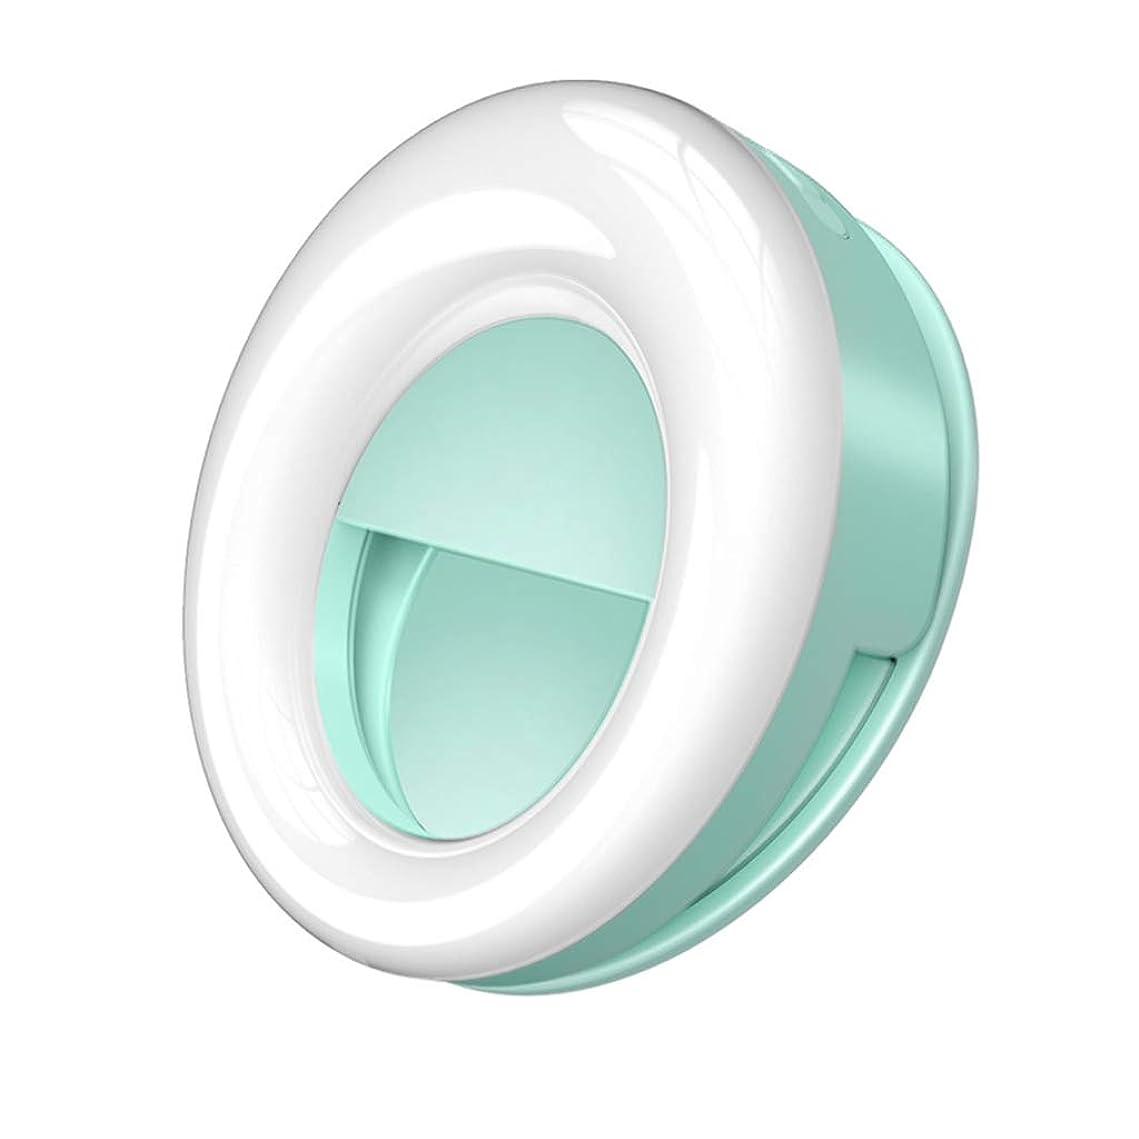 馬鹿生命体しょっぱいセルフタイマーライト、ライブフィルライト、高精細フォトライト、小型およびポータブル (色 : Green)